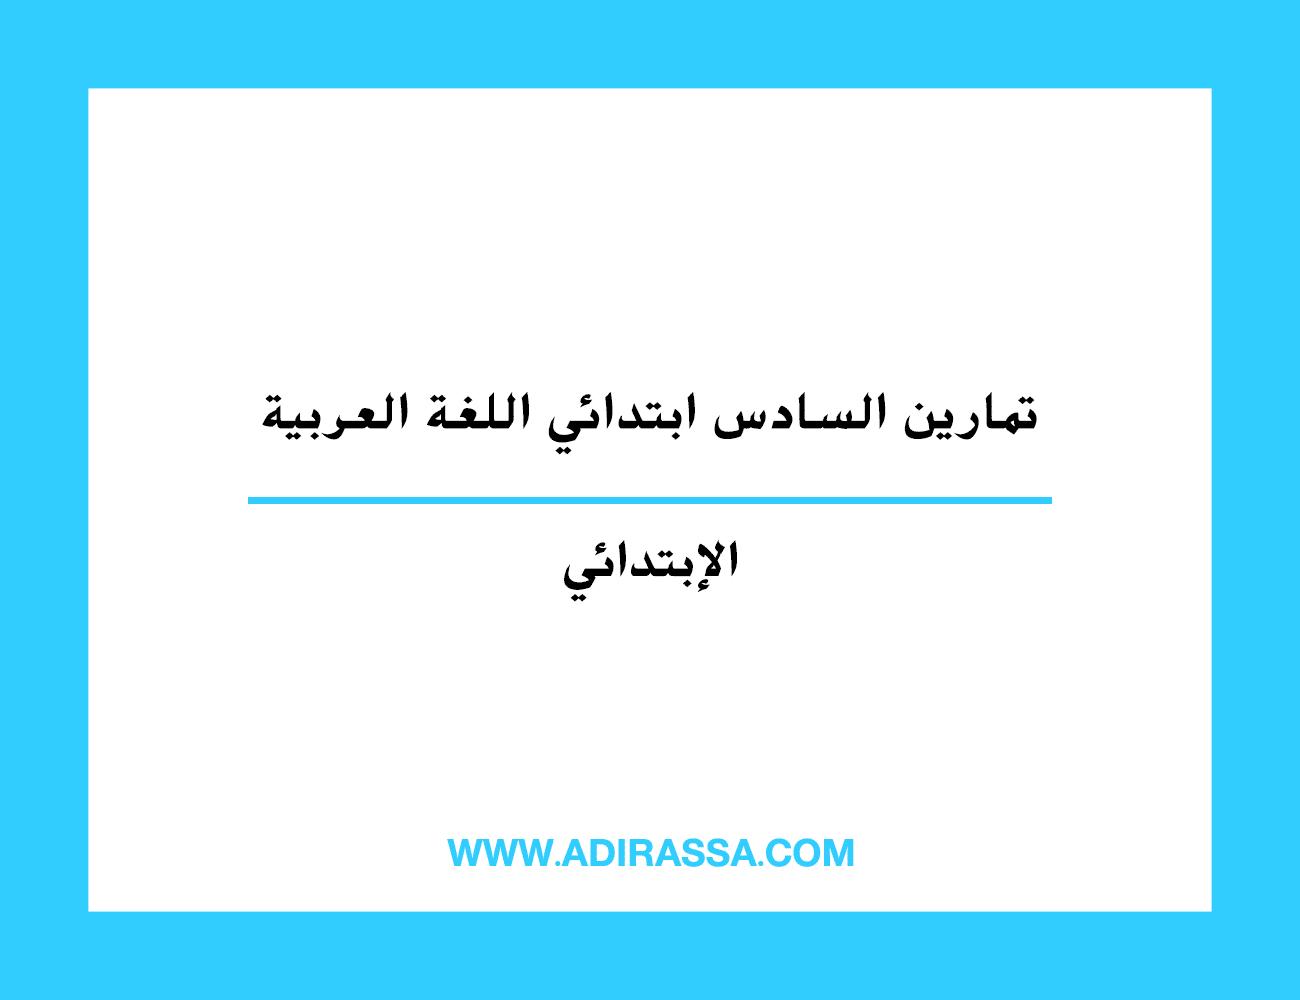 تمارين السادس ابتدائي اللغة العربية